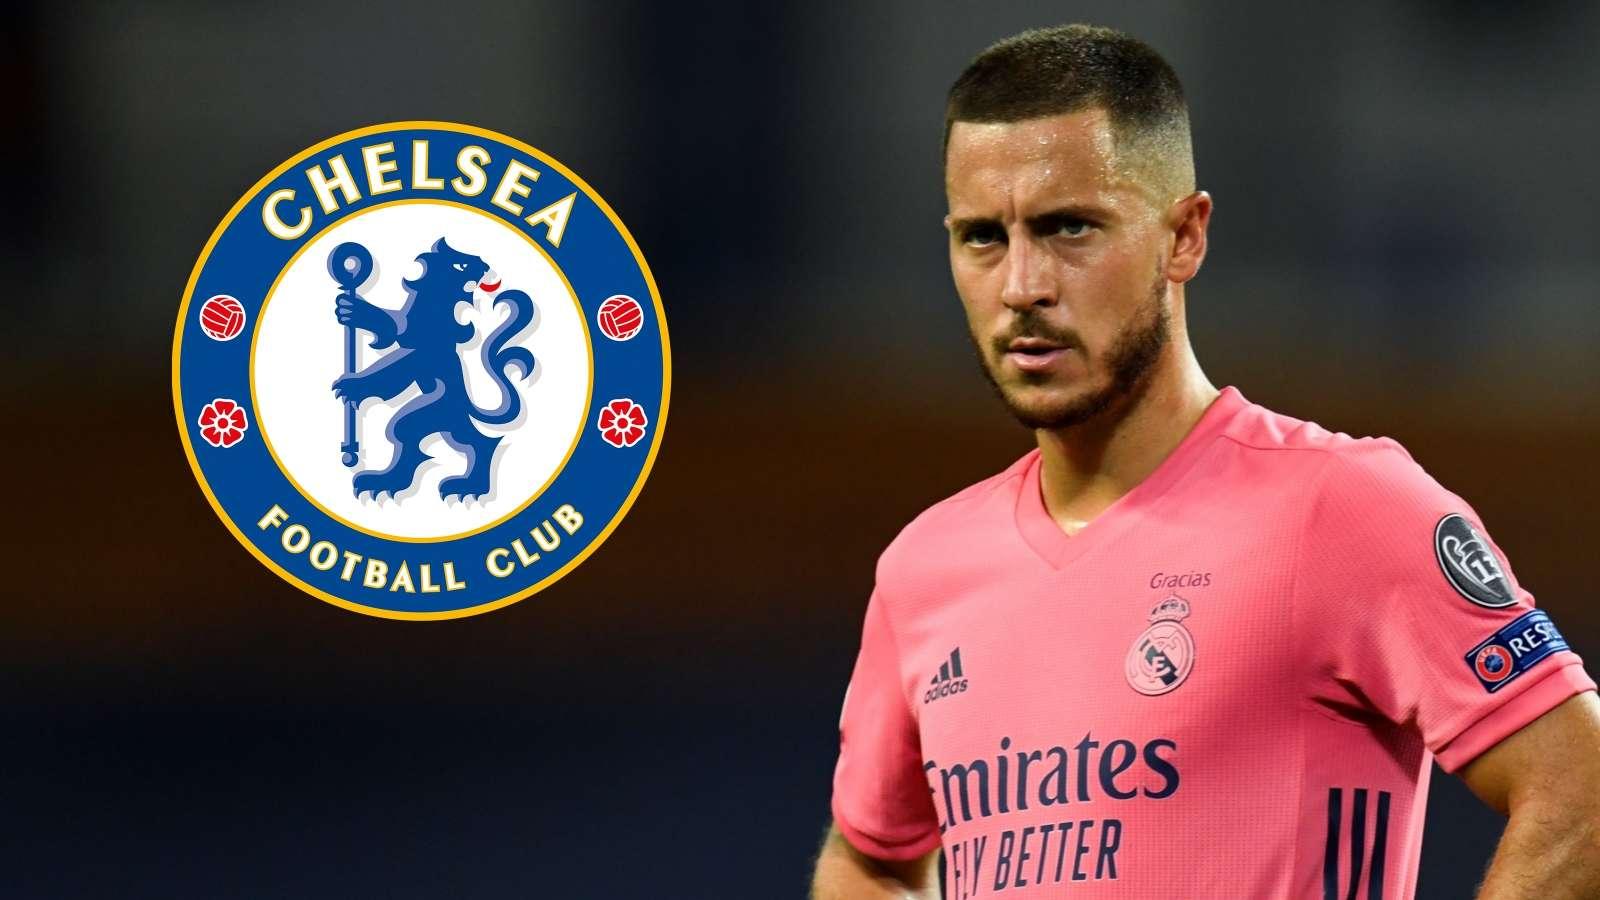 Spektakuläre Rückkehr? Chelsea will offenbar Eden Hazard von Real Madrid  zurückholen